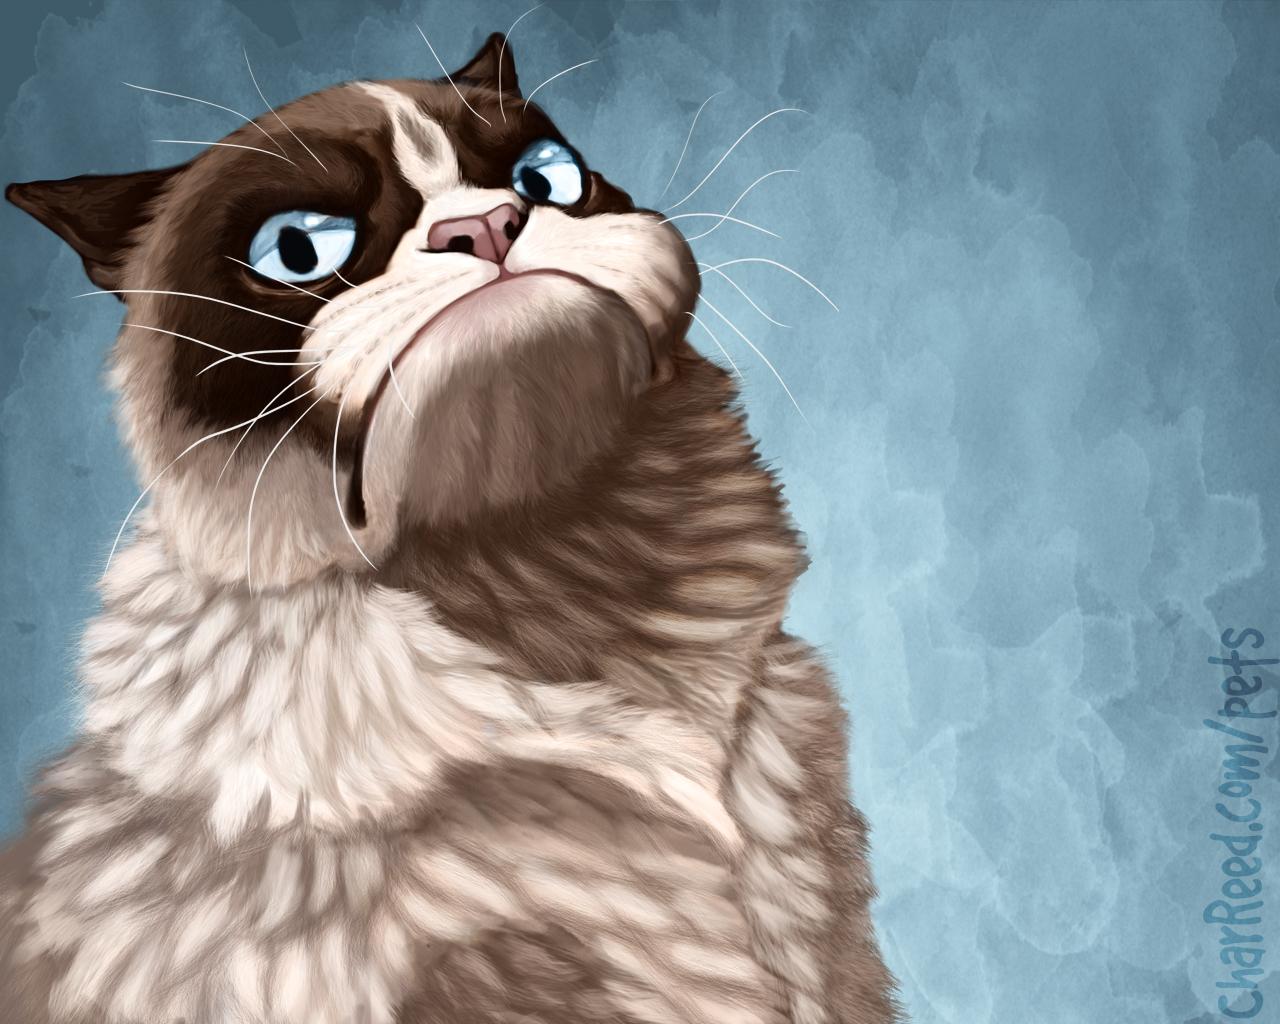 Grumpy Cat Wallpaper